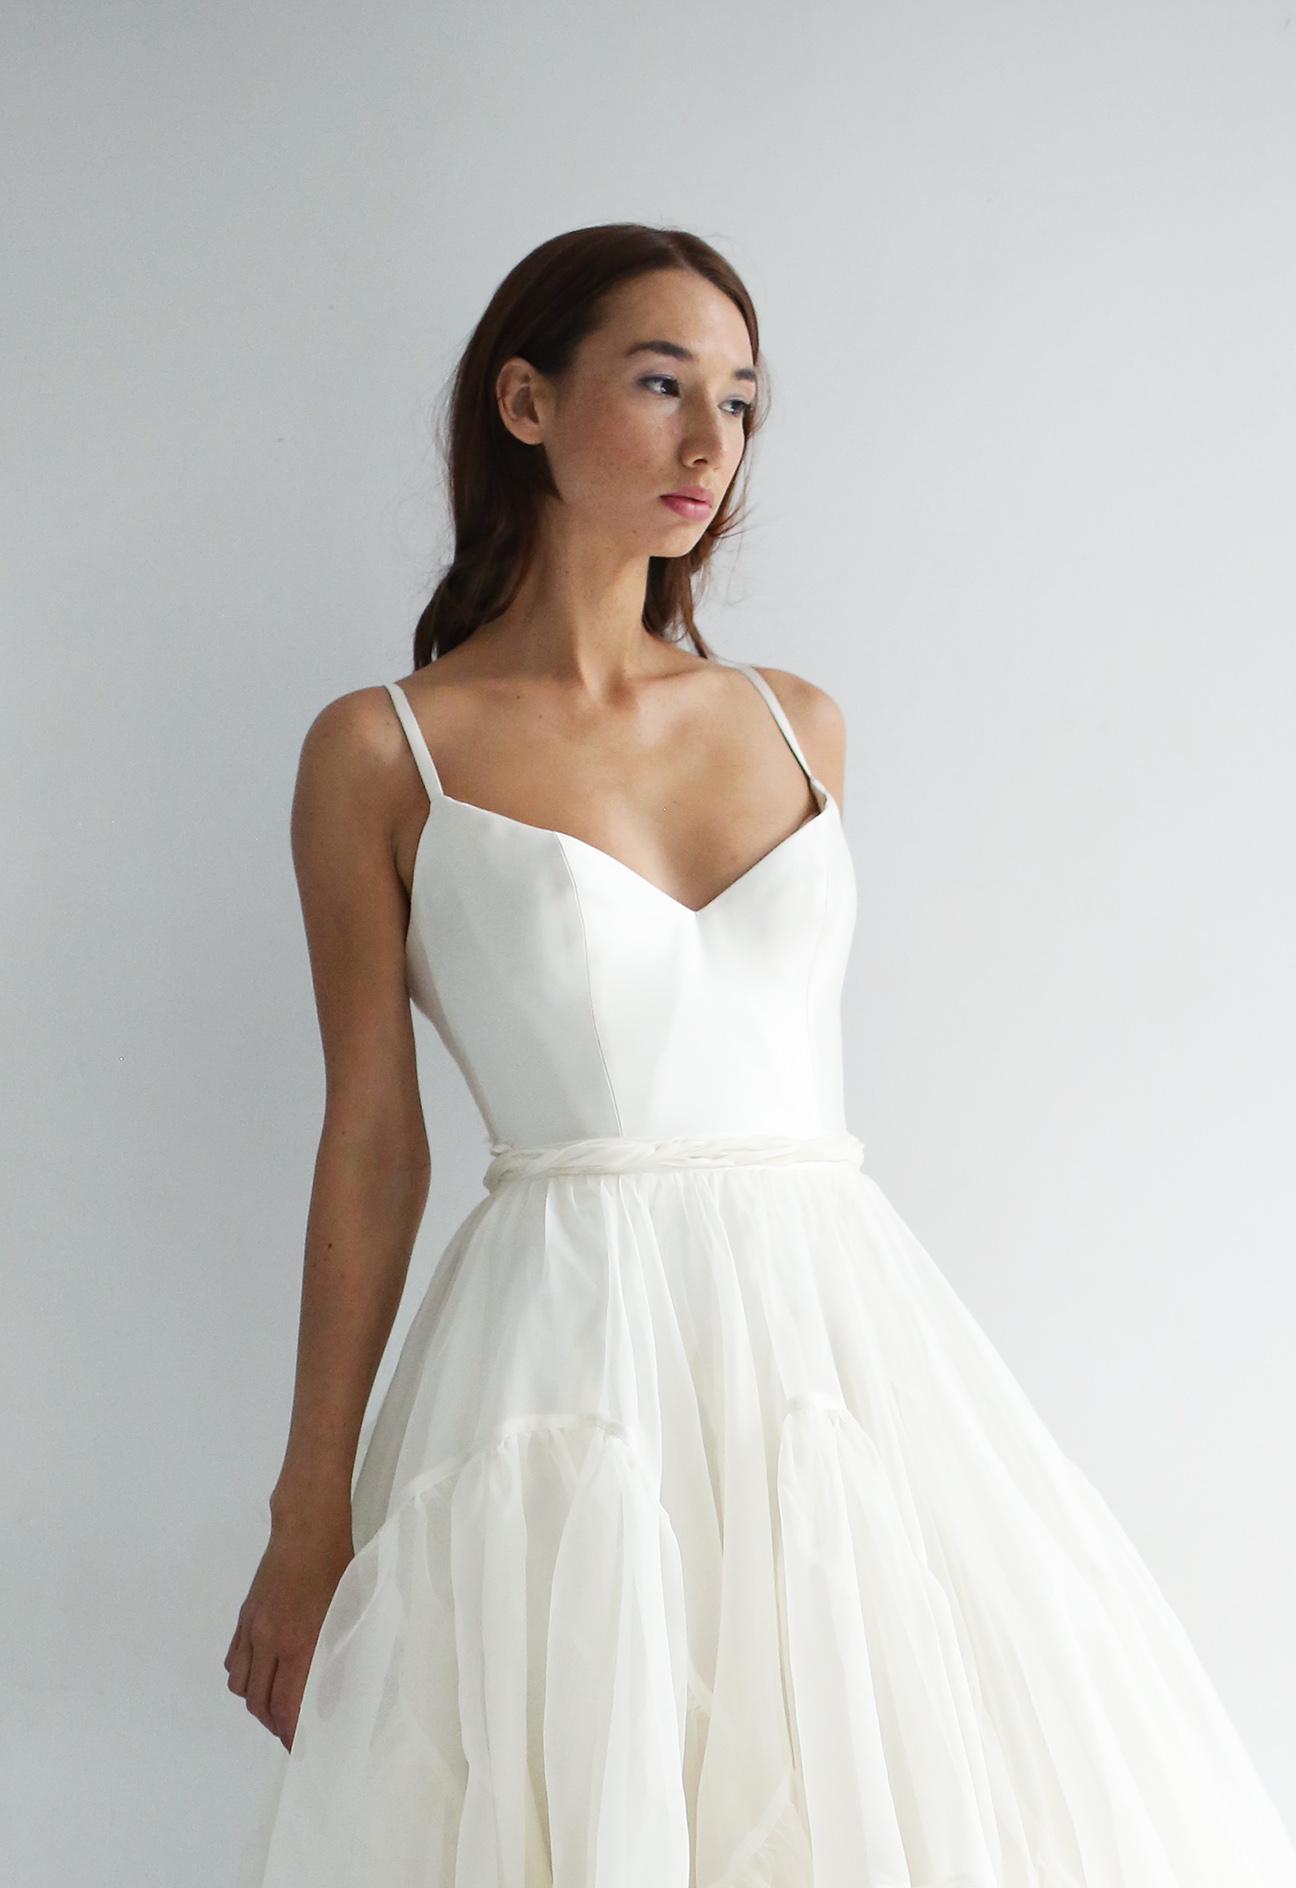 leanne-marshall-bridal-22.jpg